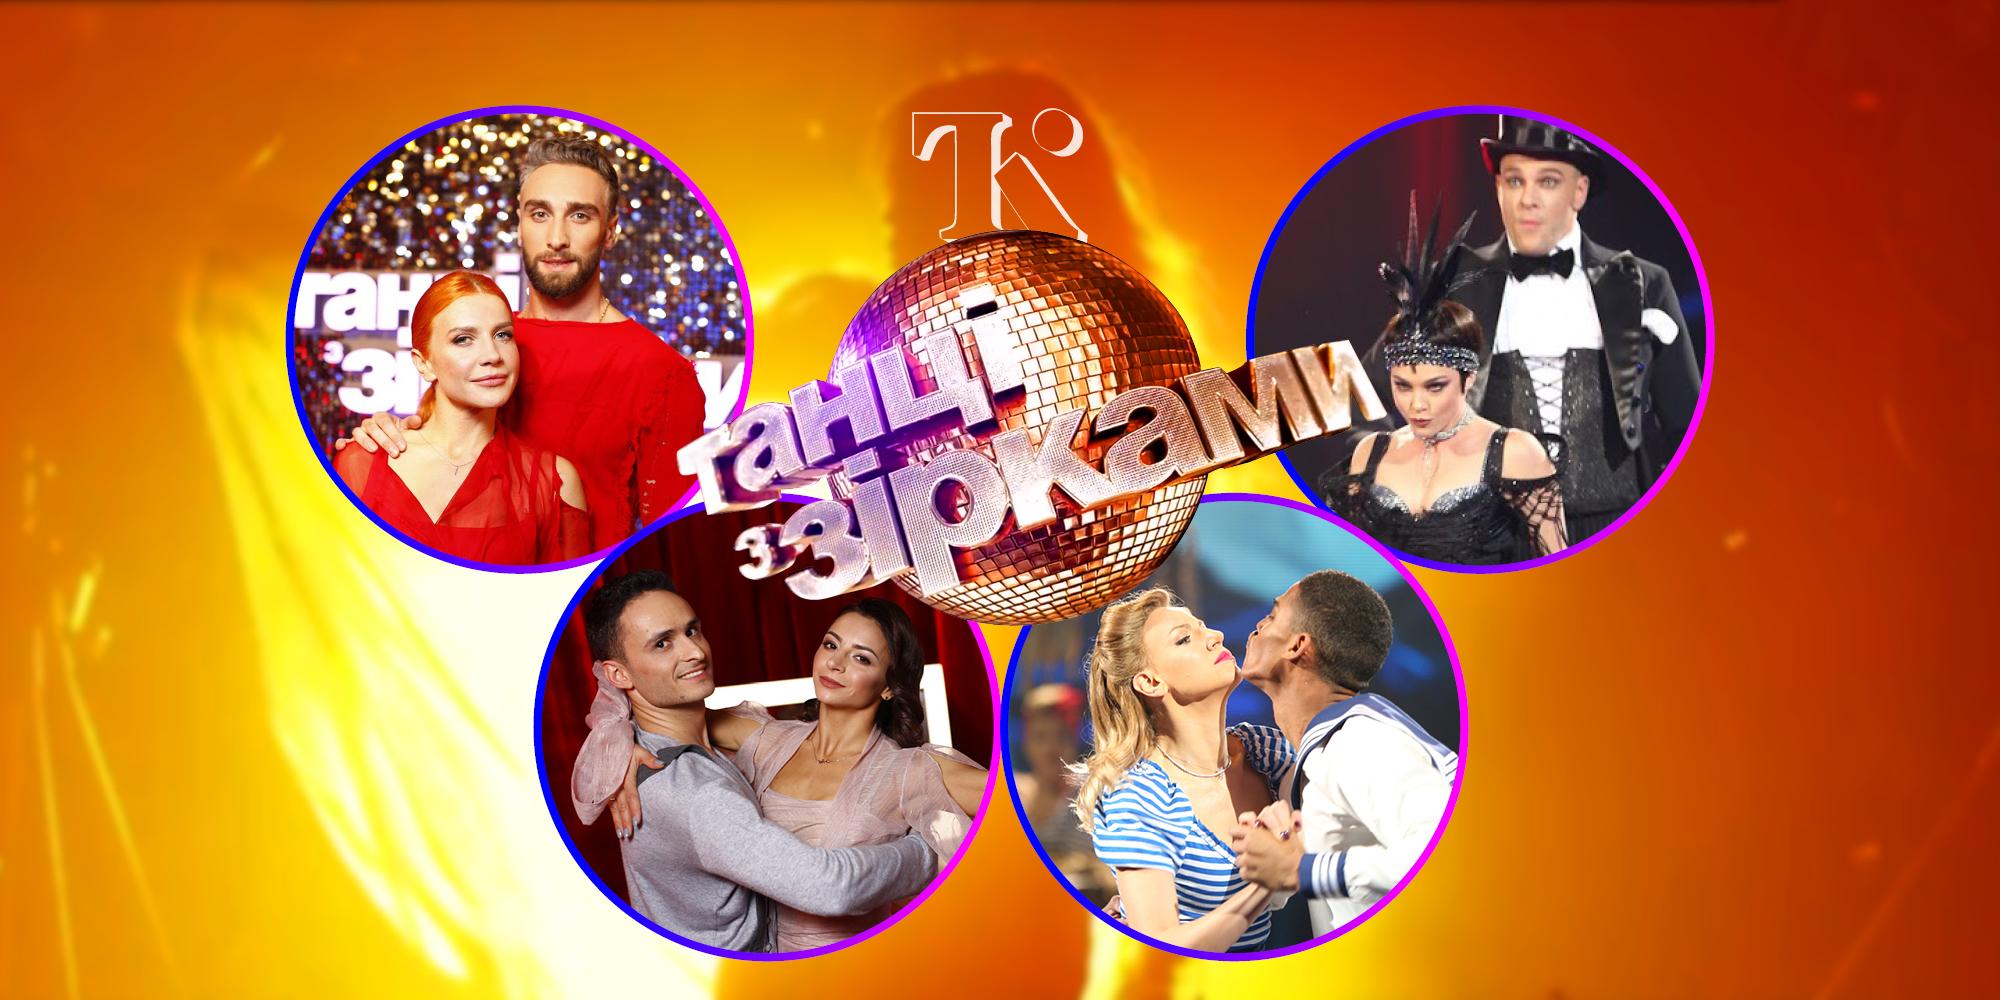 Голосование: кто победит на проекте «Танці з зірками»?